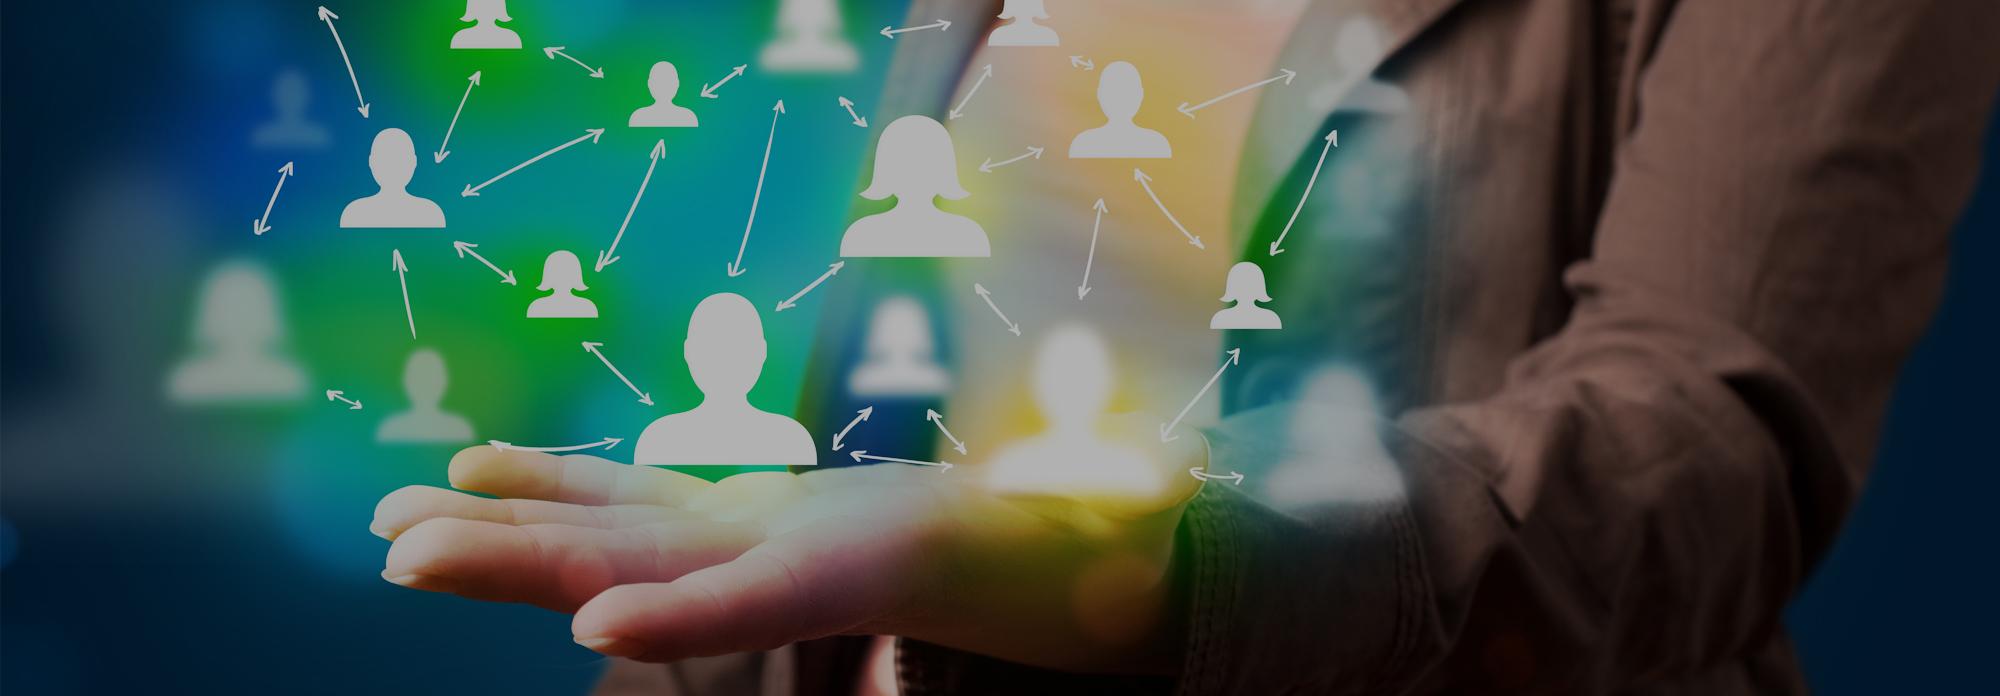 Décrypter les enjeux de territoire et identifier les parties-prenantes - FRANCOM